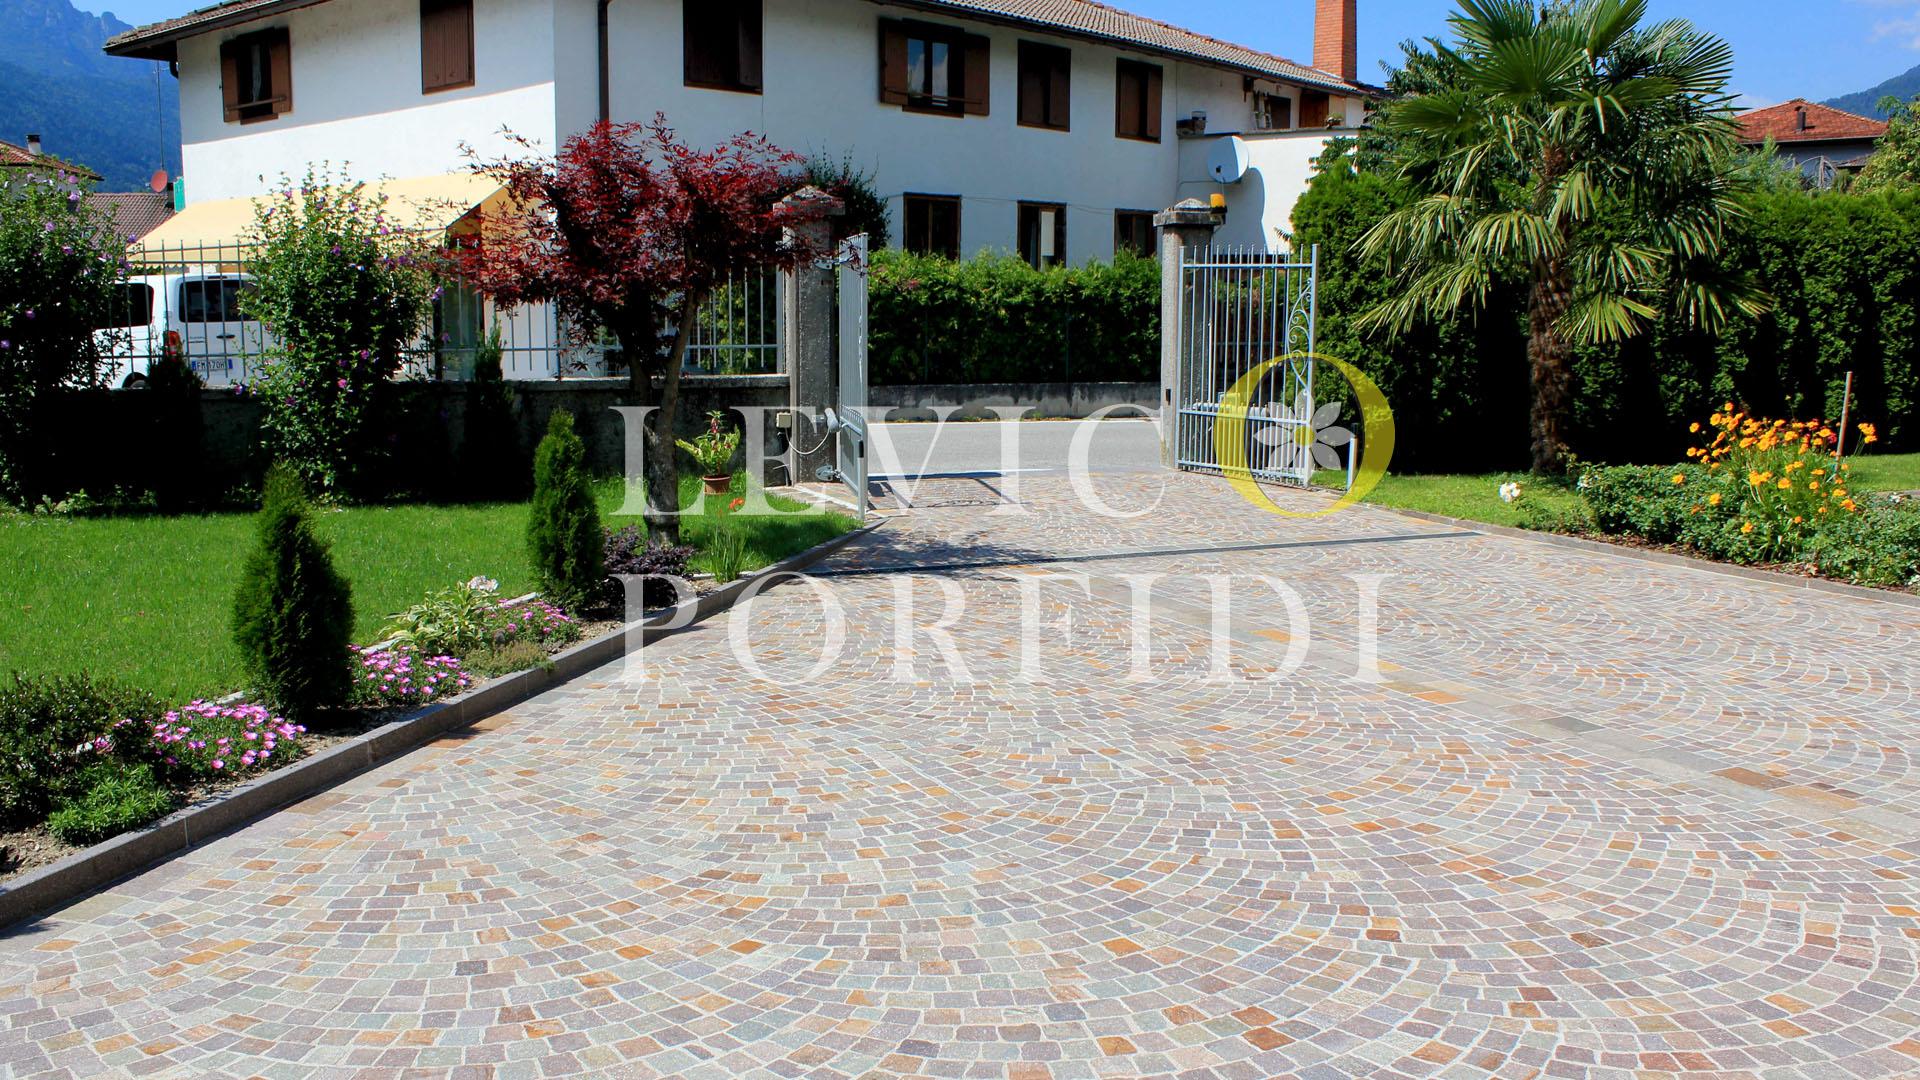 Cubetti Porfido Trentino